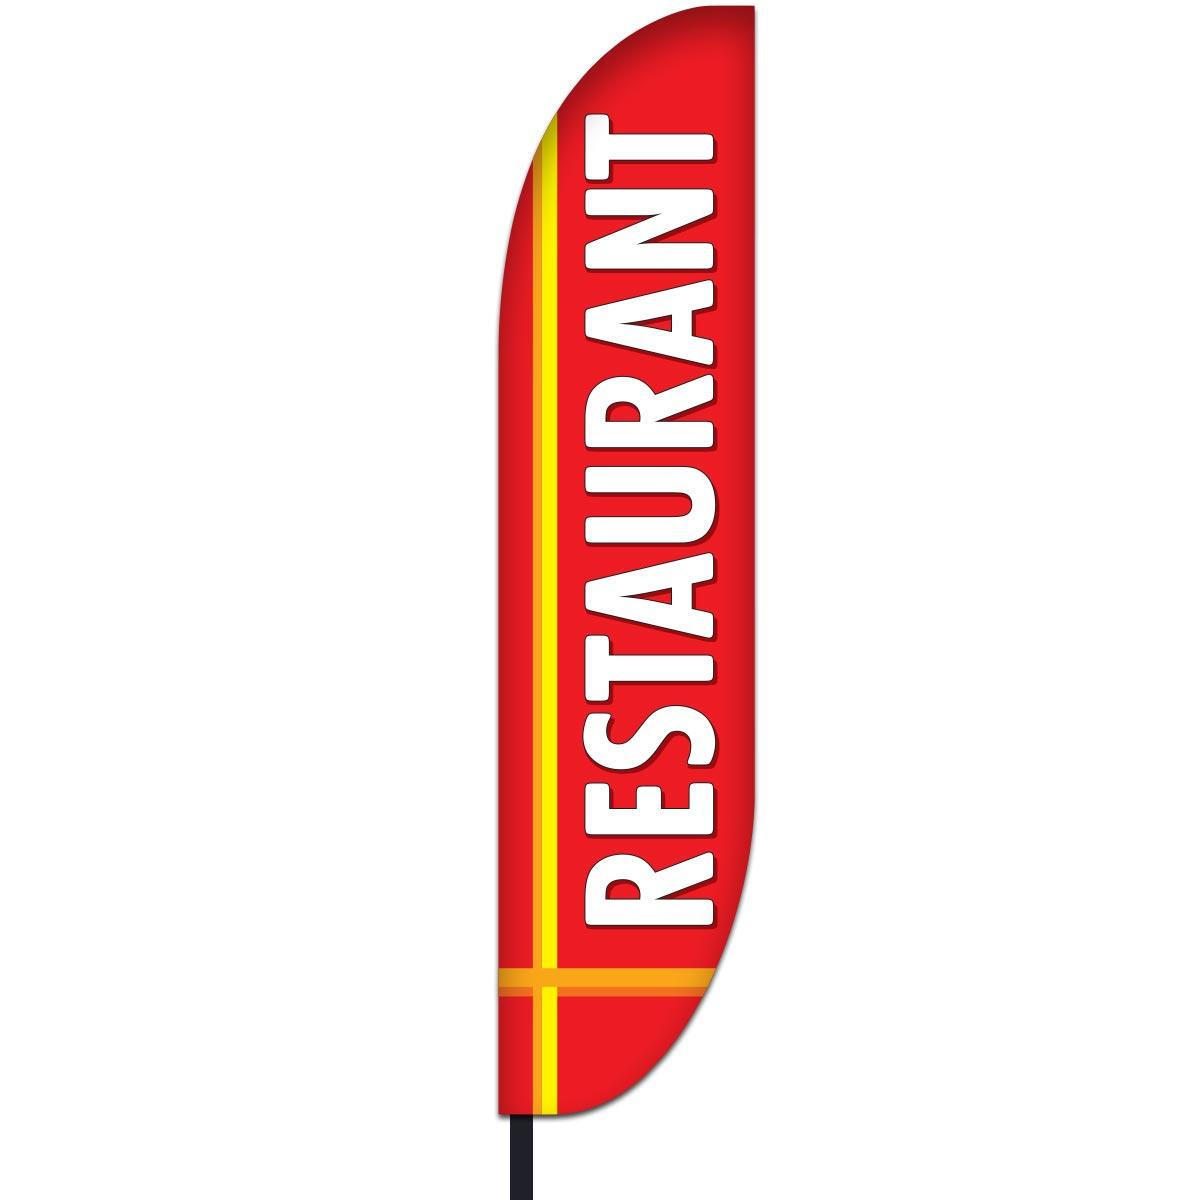 Restaurant Flag Design 05